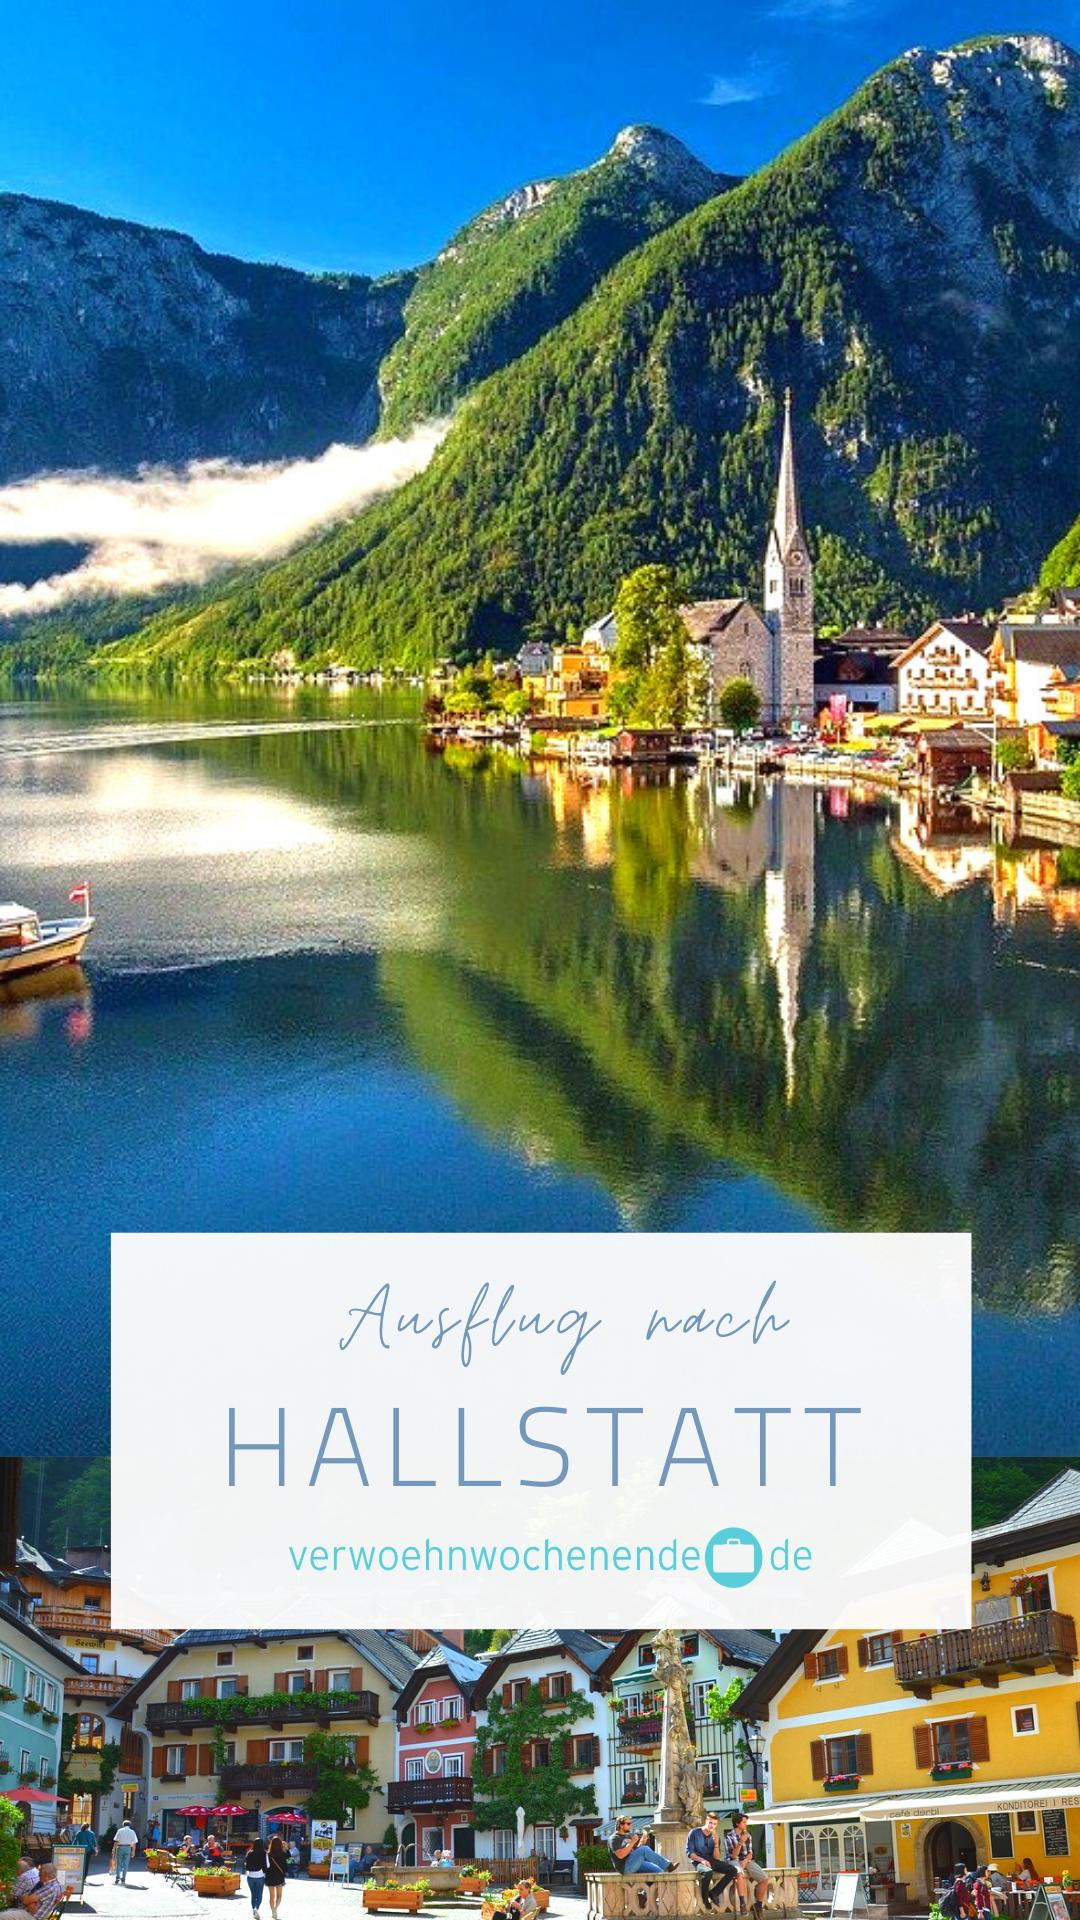 EIn Ausflug nach Hallstatt ist ein absolutes Highligh bei einem Kurzurlaub in Österreich. Denn dort erwarert Euch ein einzigartiges Panorama auf dem kristallklaren See, umgeben von einer atemberaubenden Bergwelt. Genießt bei einem Spaziergang die wunderschöne Altstadt und historische Bauten. Die faszinierenden Gebirgswelt des Salzkammerguts lädt zum verweilen ein – Hallstatt ist dabei ein echtes Paradies für  Naturbegeisterte. #kurzurlaub #paradies #traveltips #hallstatt #österreich #see #berge